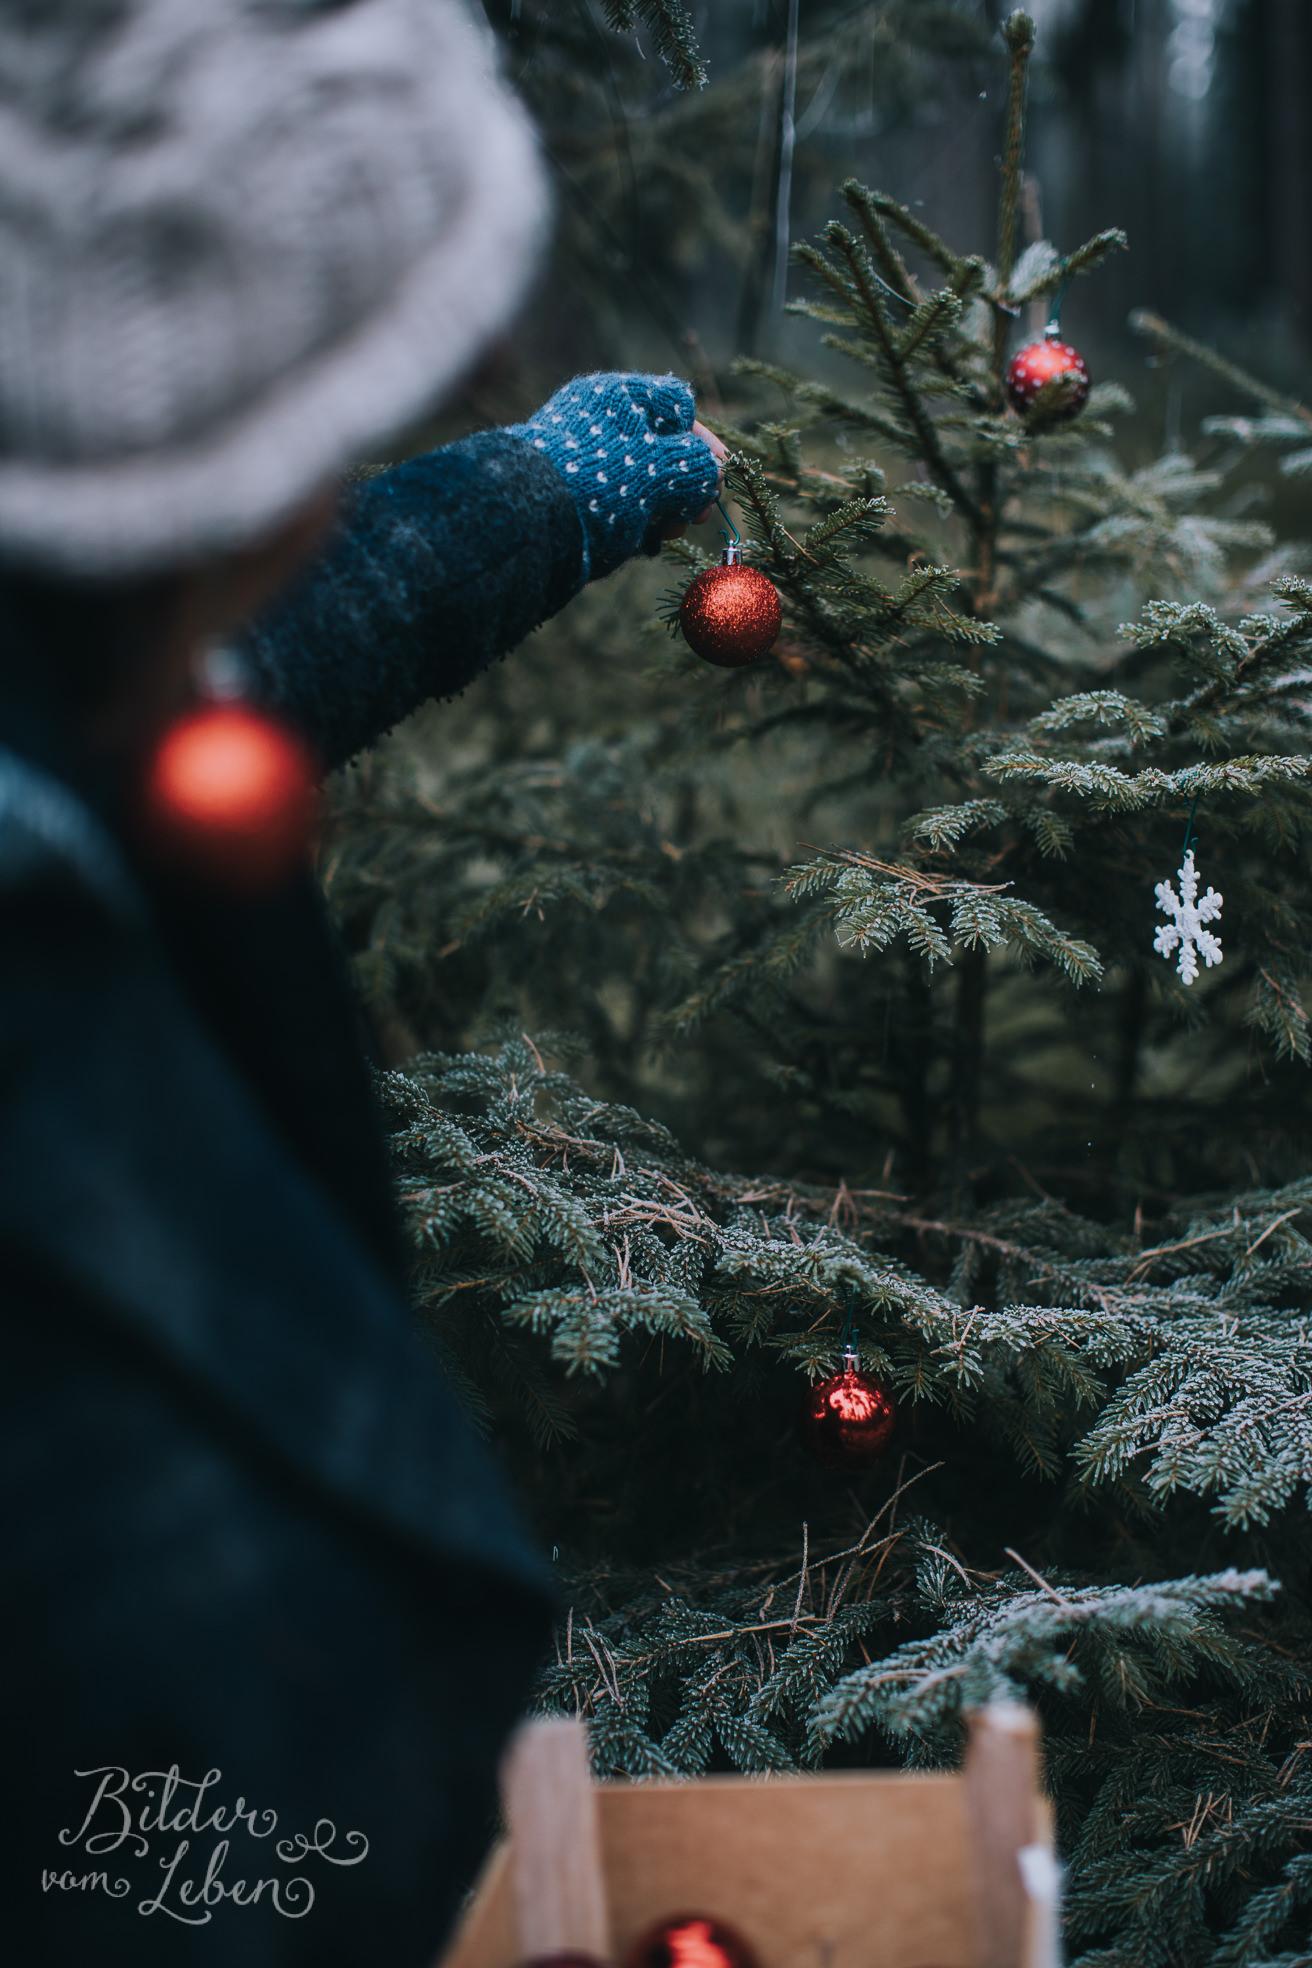 0029weihnachten-bildervomleben-imc39598